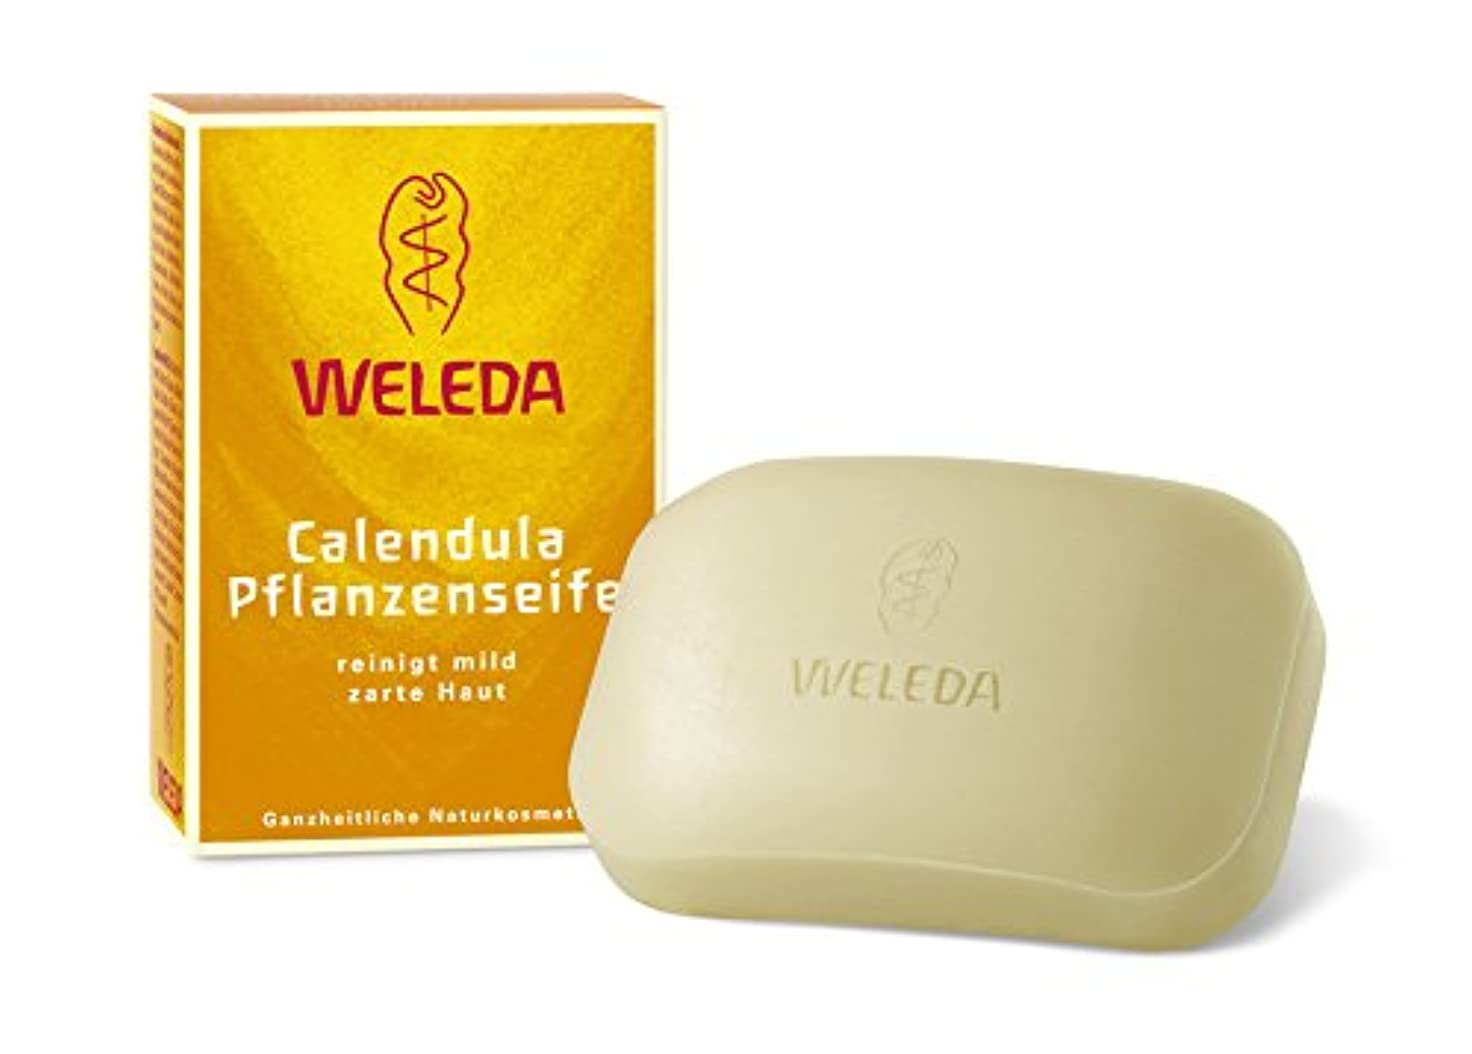 バスト内部雑多なWELEDA(ヴェレダ) カレンドラ ソープ 植物の安らかな香り 単品 100g